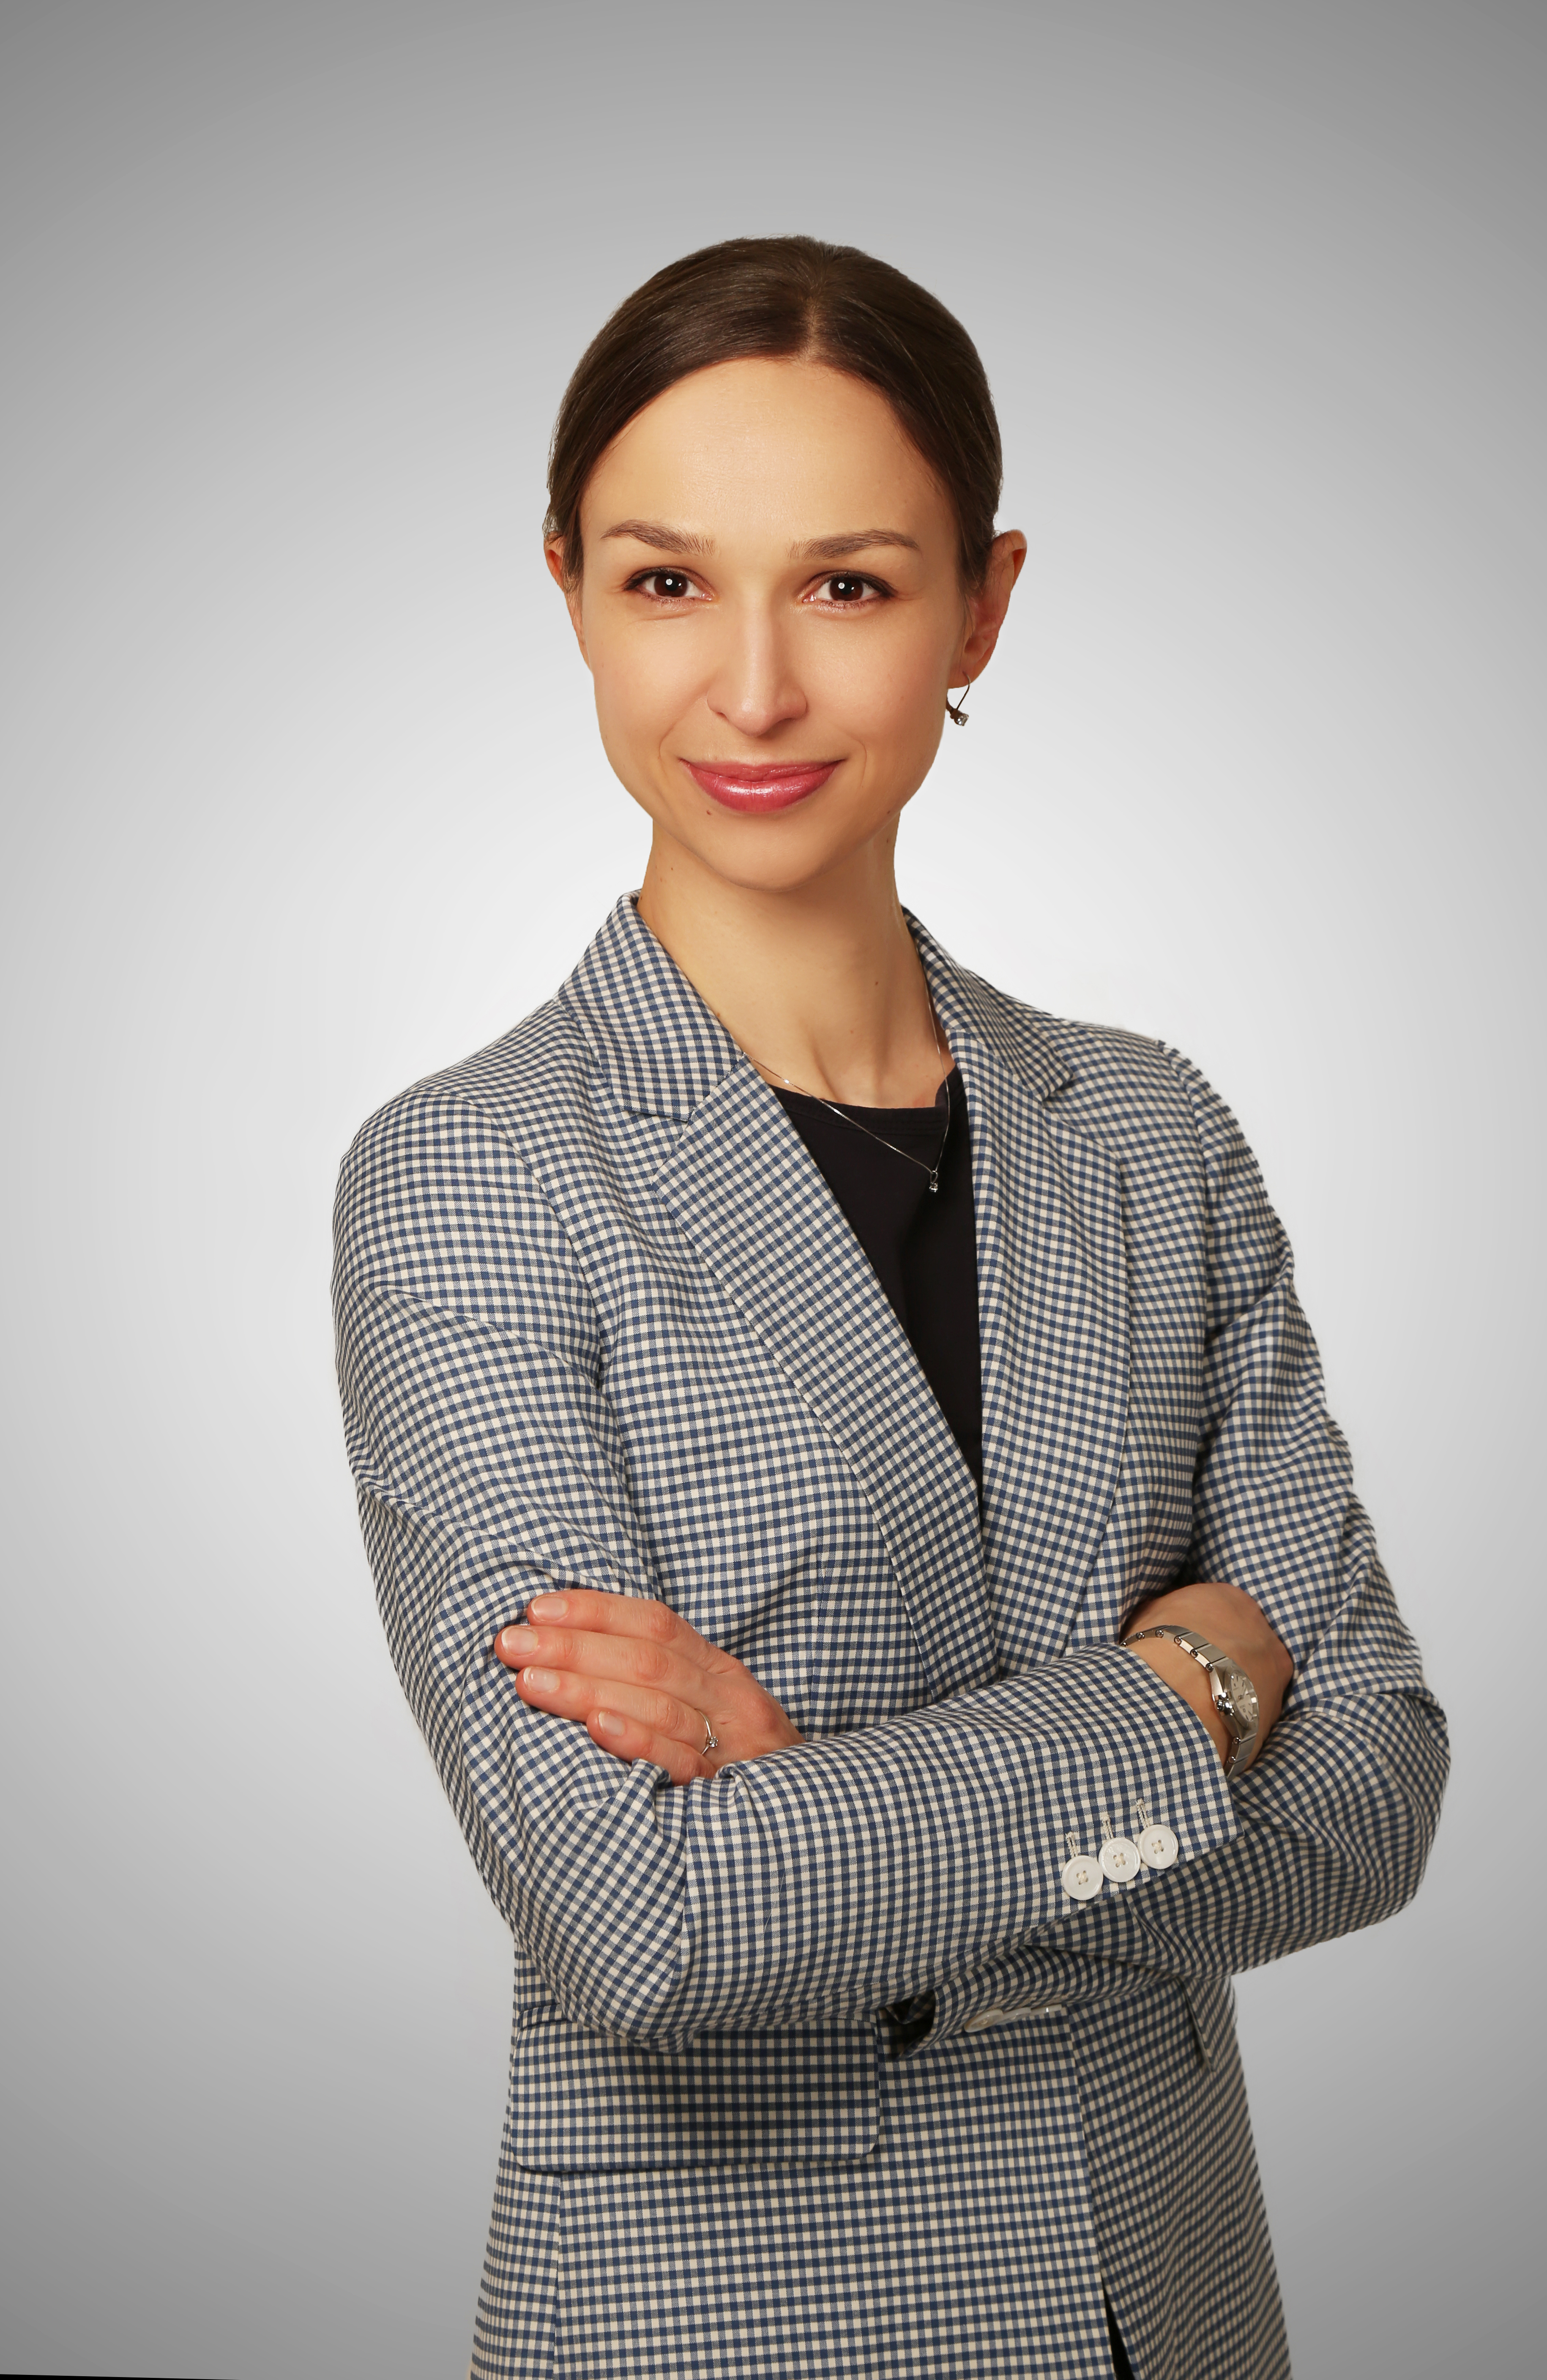 Dr Czuwara